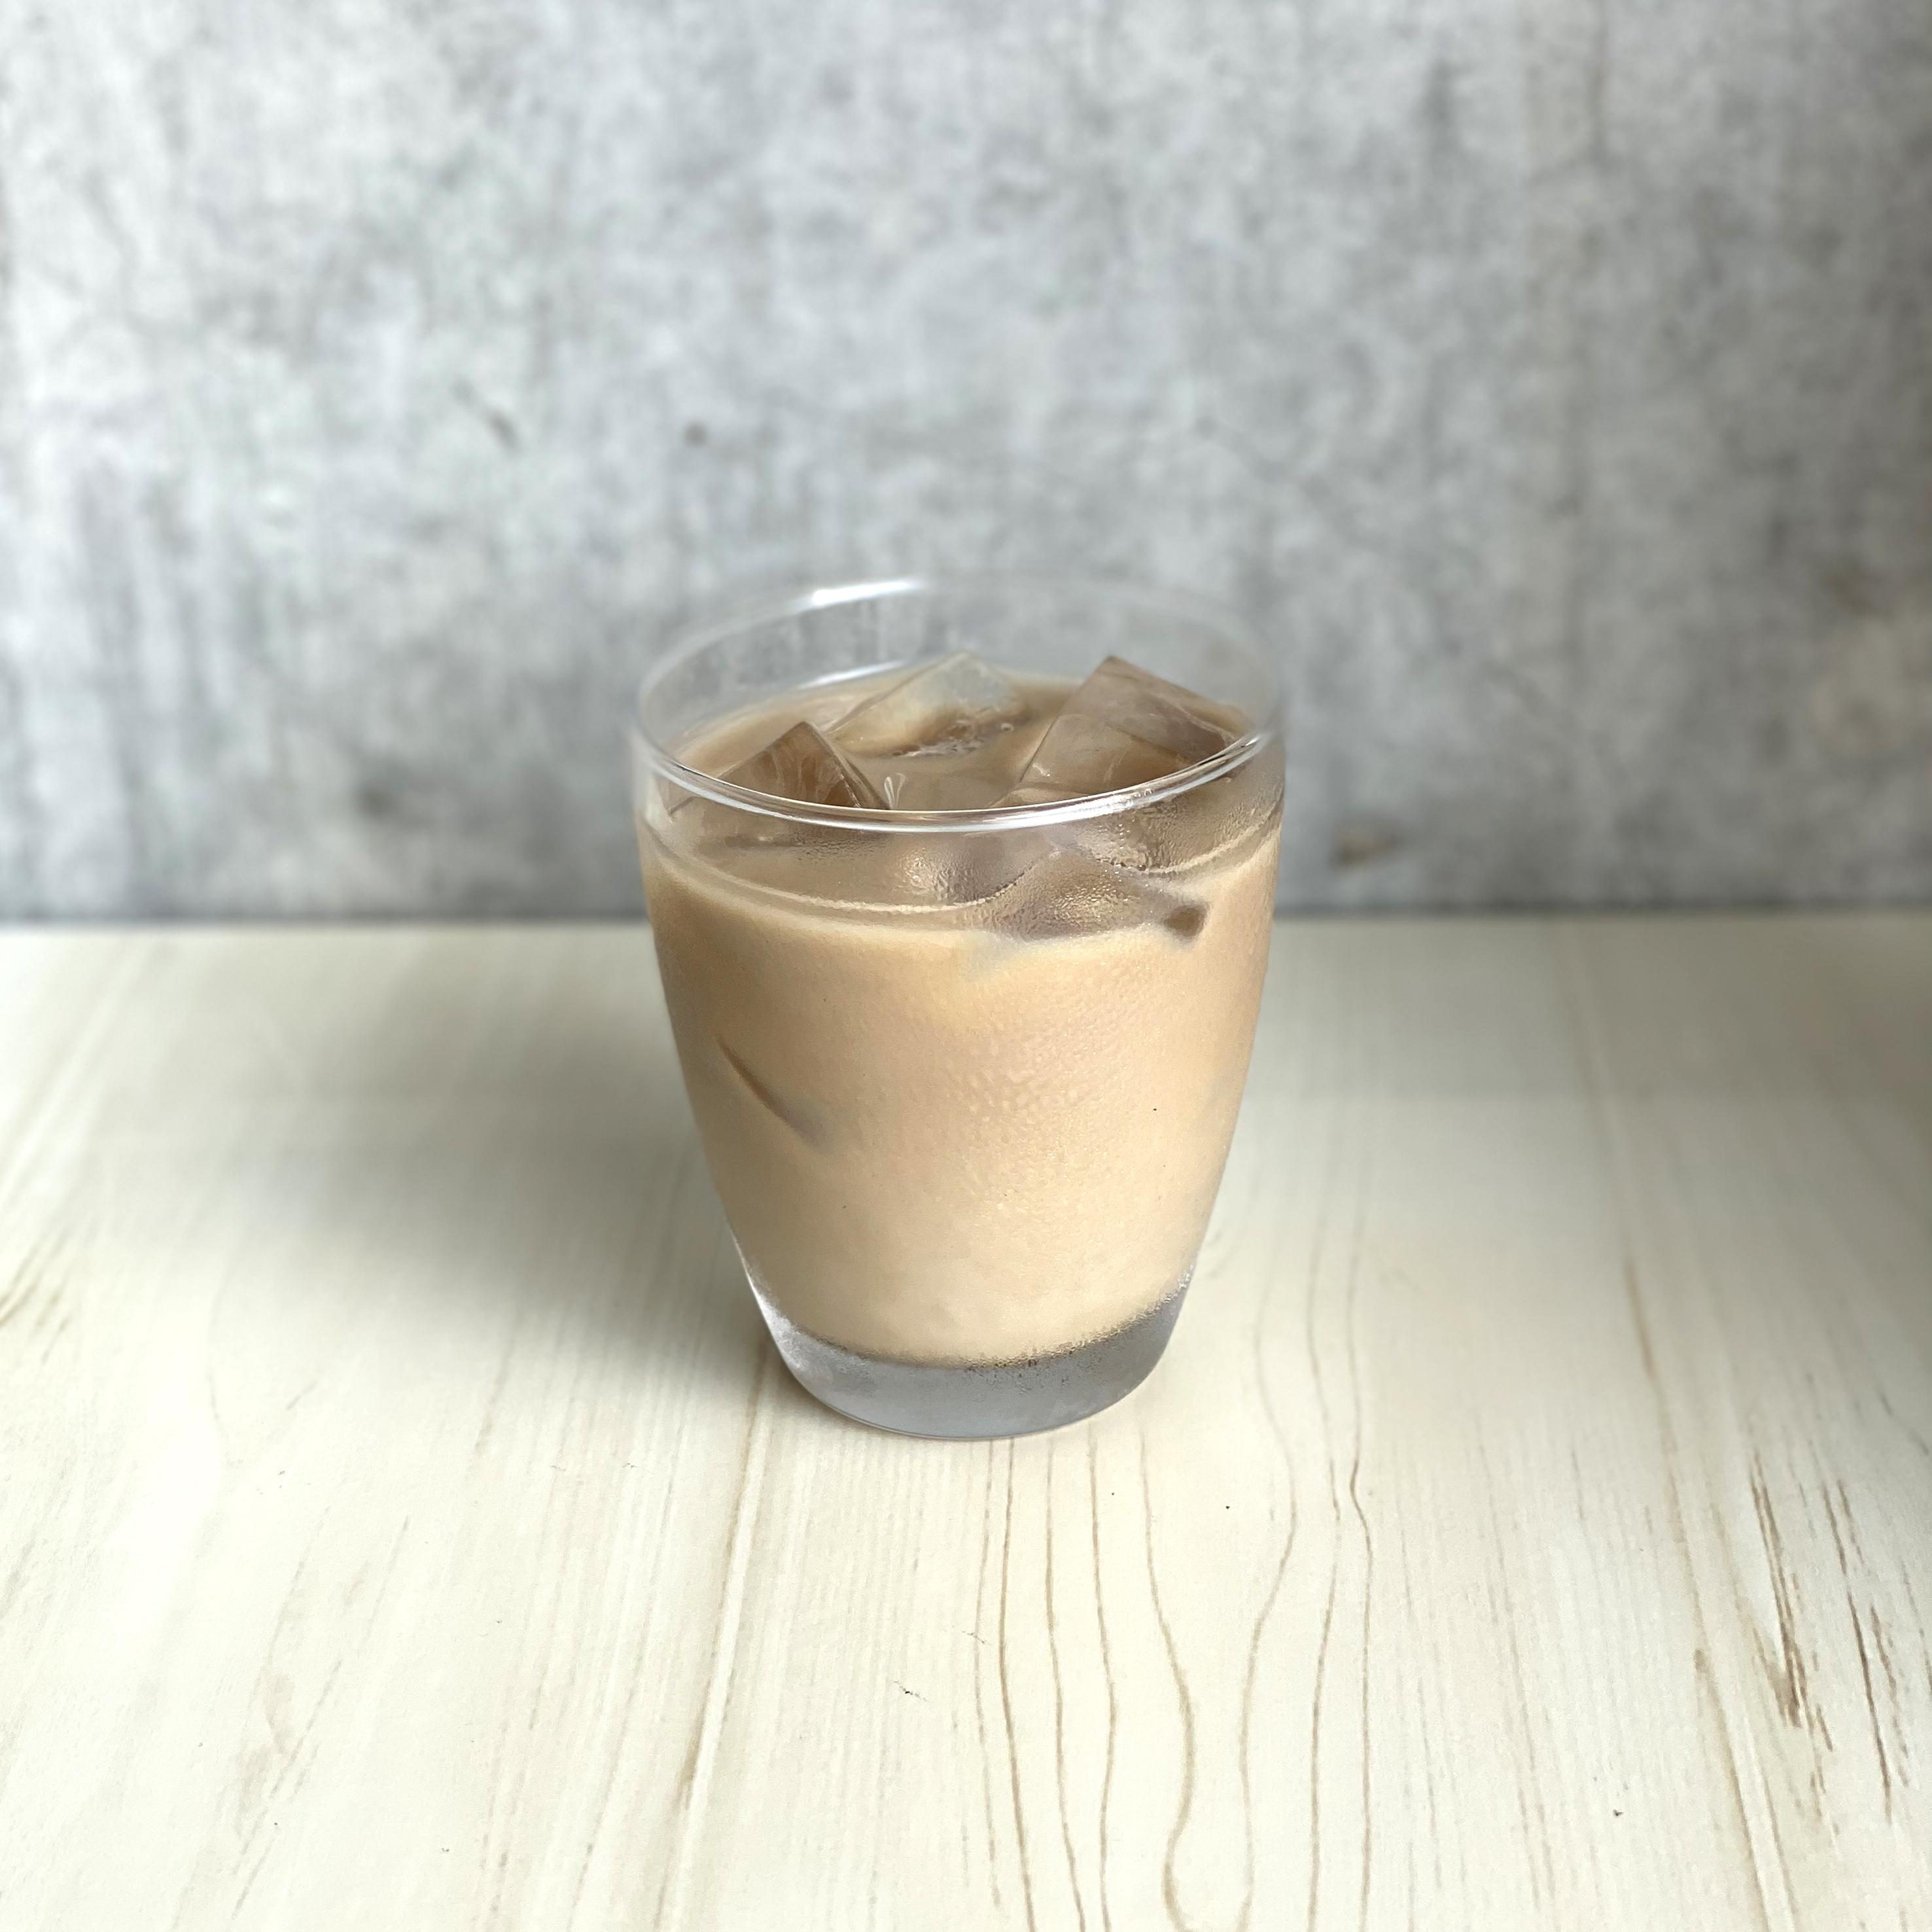 プラントベースのデカフェ【玄米デカフェ・豆乳ラテ】・カフェラテにも優る美味しさ!